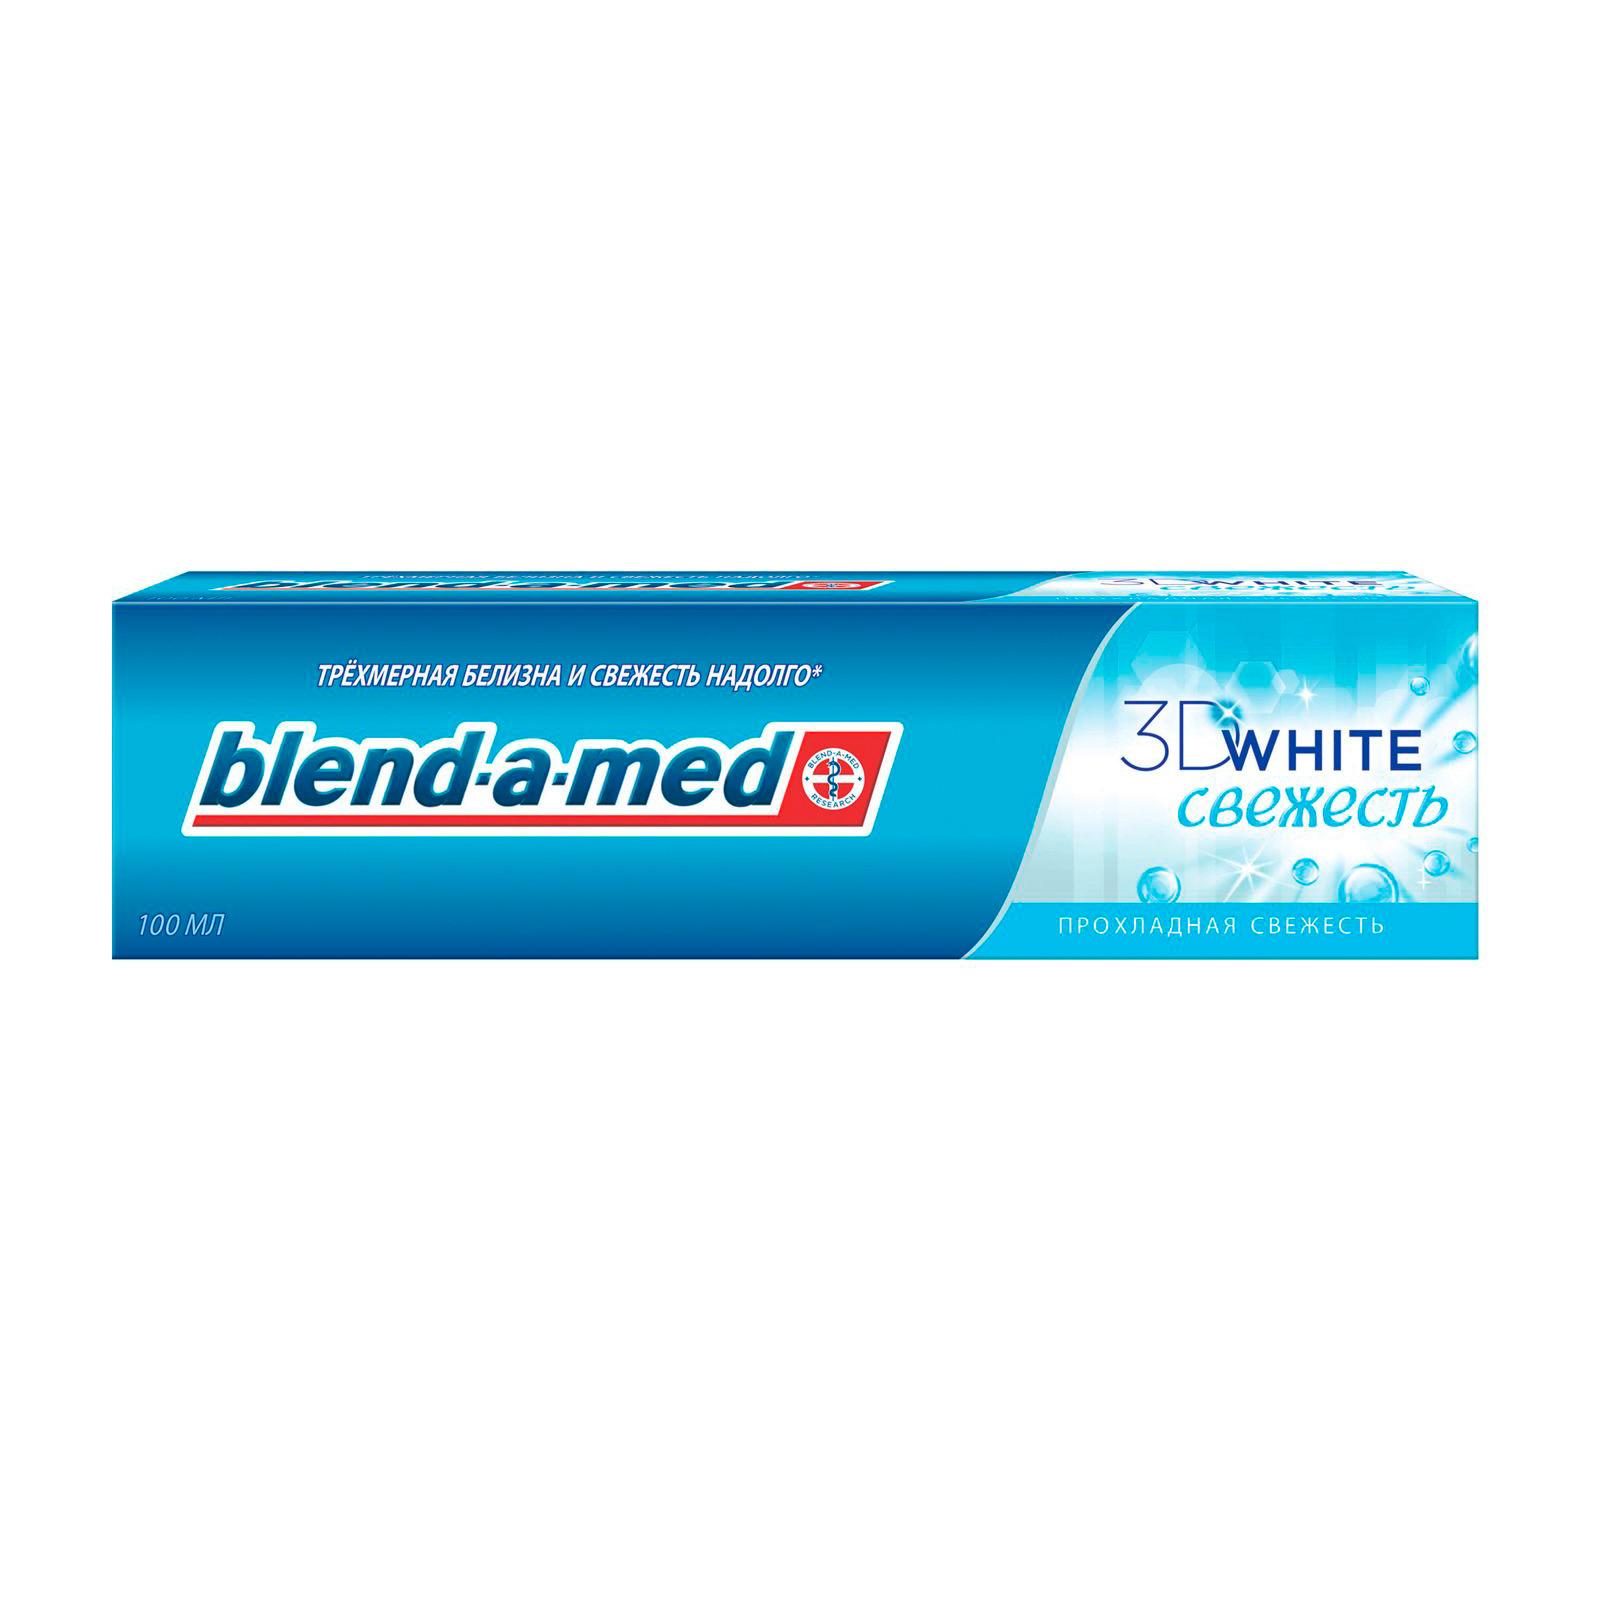 Зубная паста Blend-a-med 3D White Прохладная Свежесть 100мл<br>